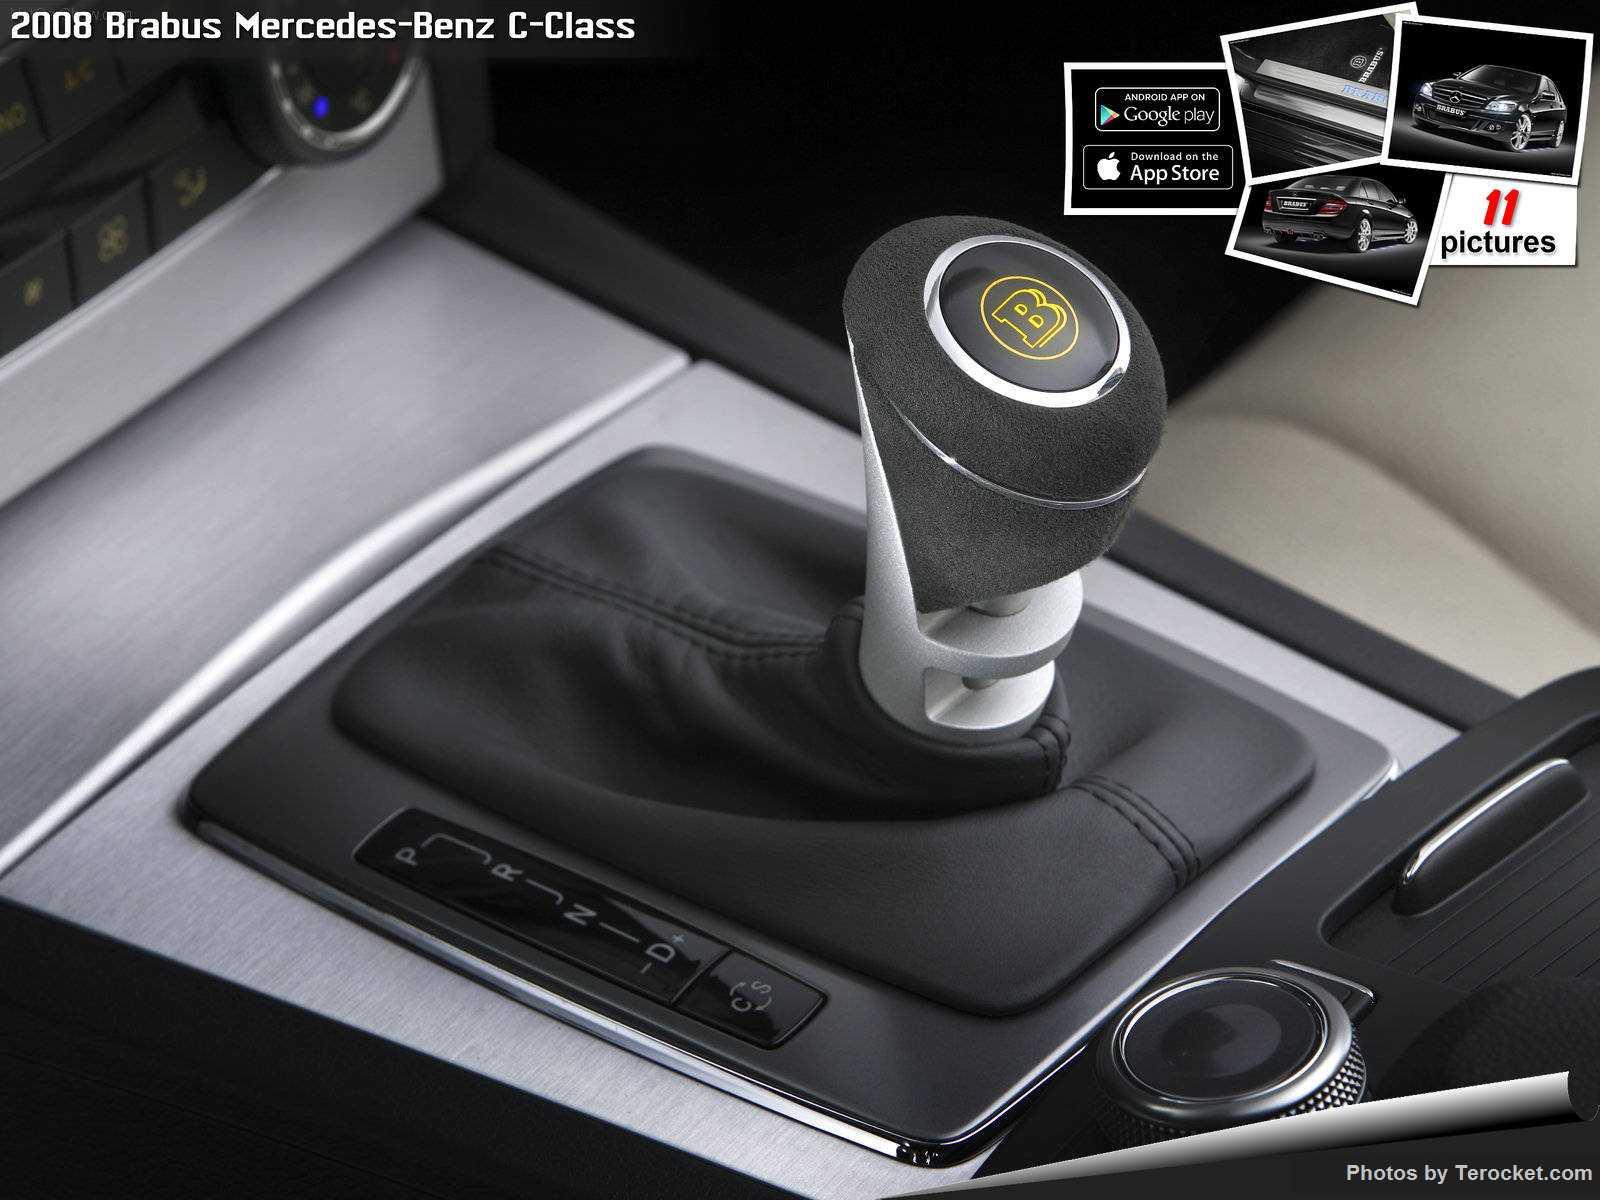 Hình ảnh xe ô tô Brabus Mercedes-Benz C-Class 2008 & nội ngoại thất